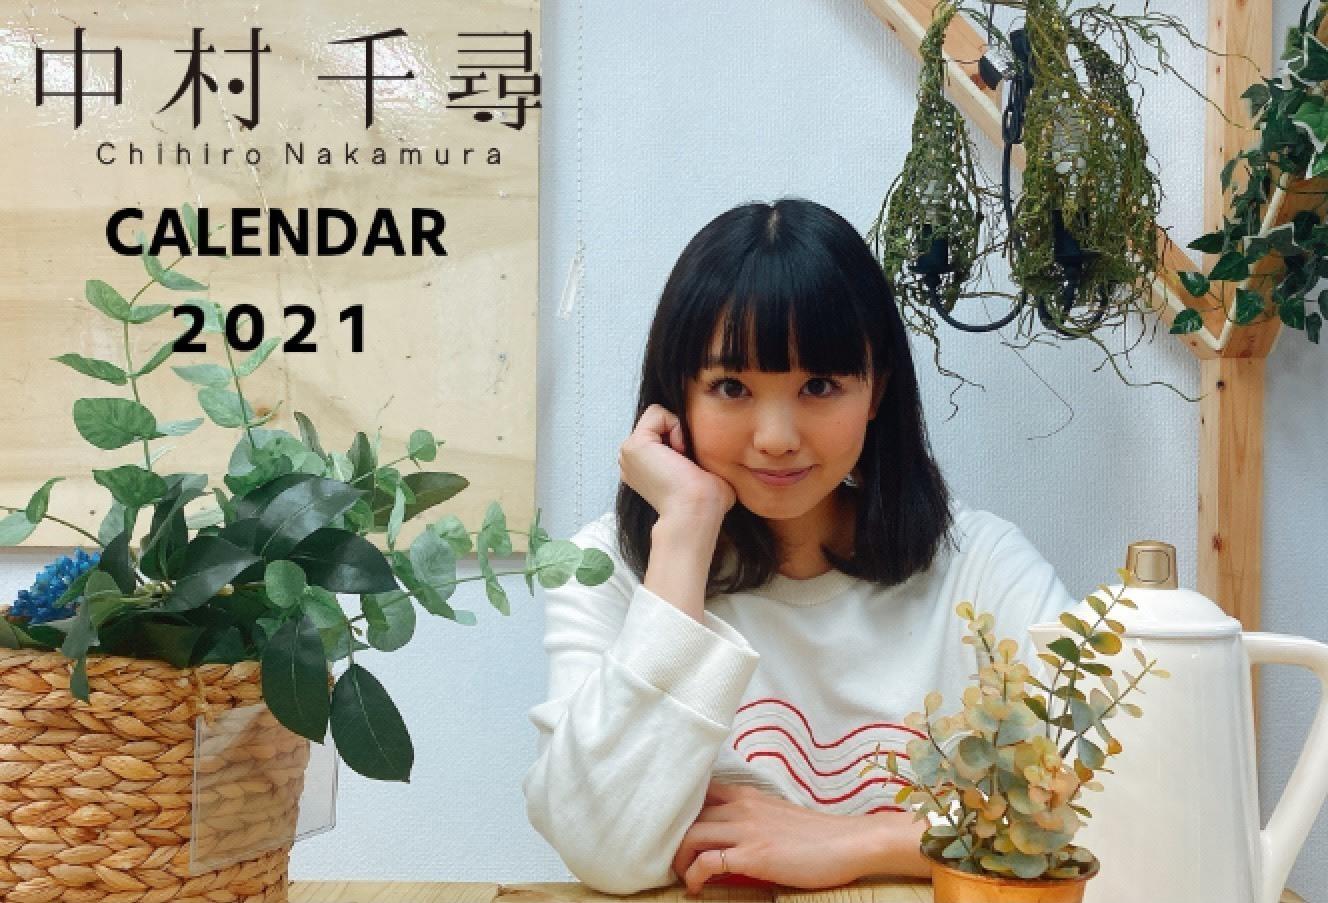 オシャレなやつ作ろうとしたら失敗したカレンダー2021